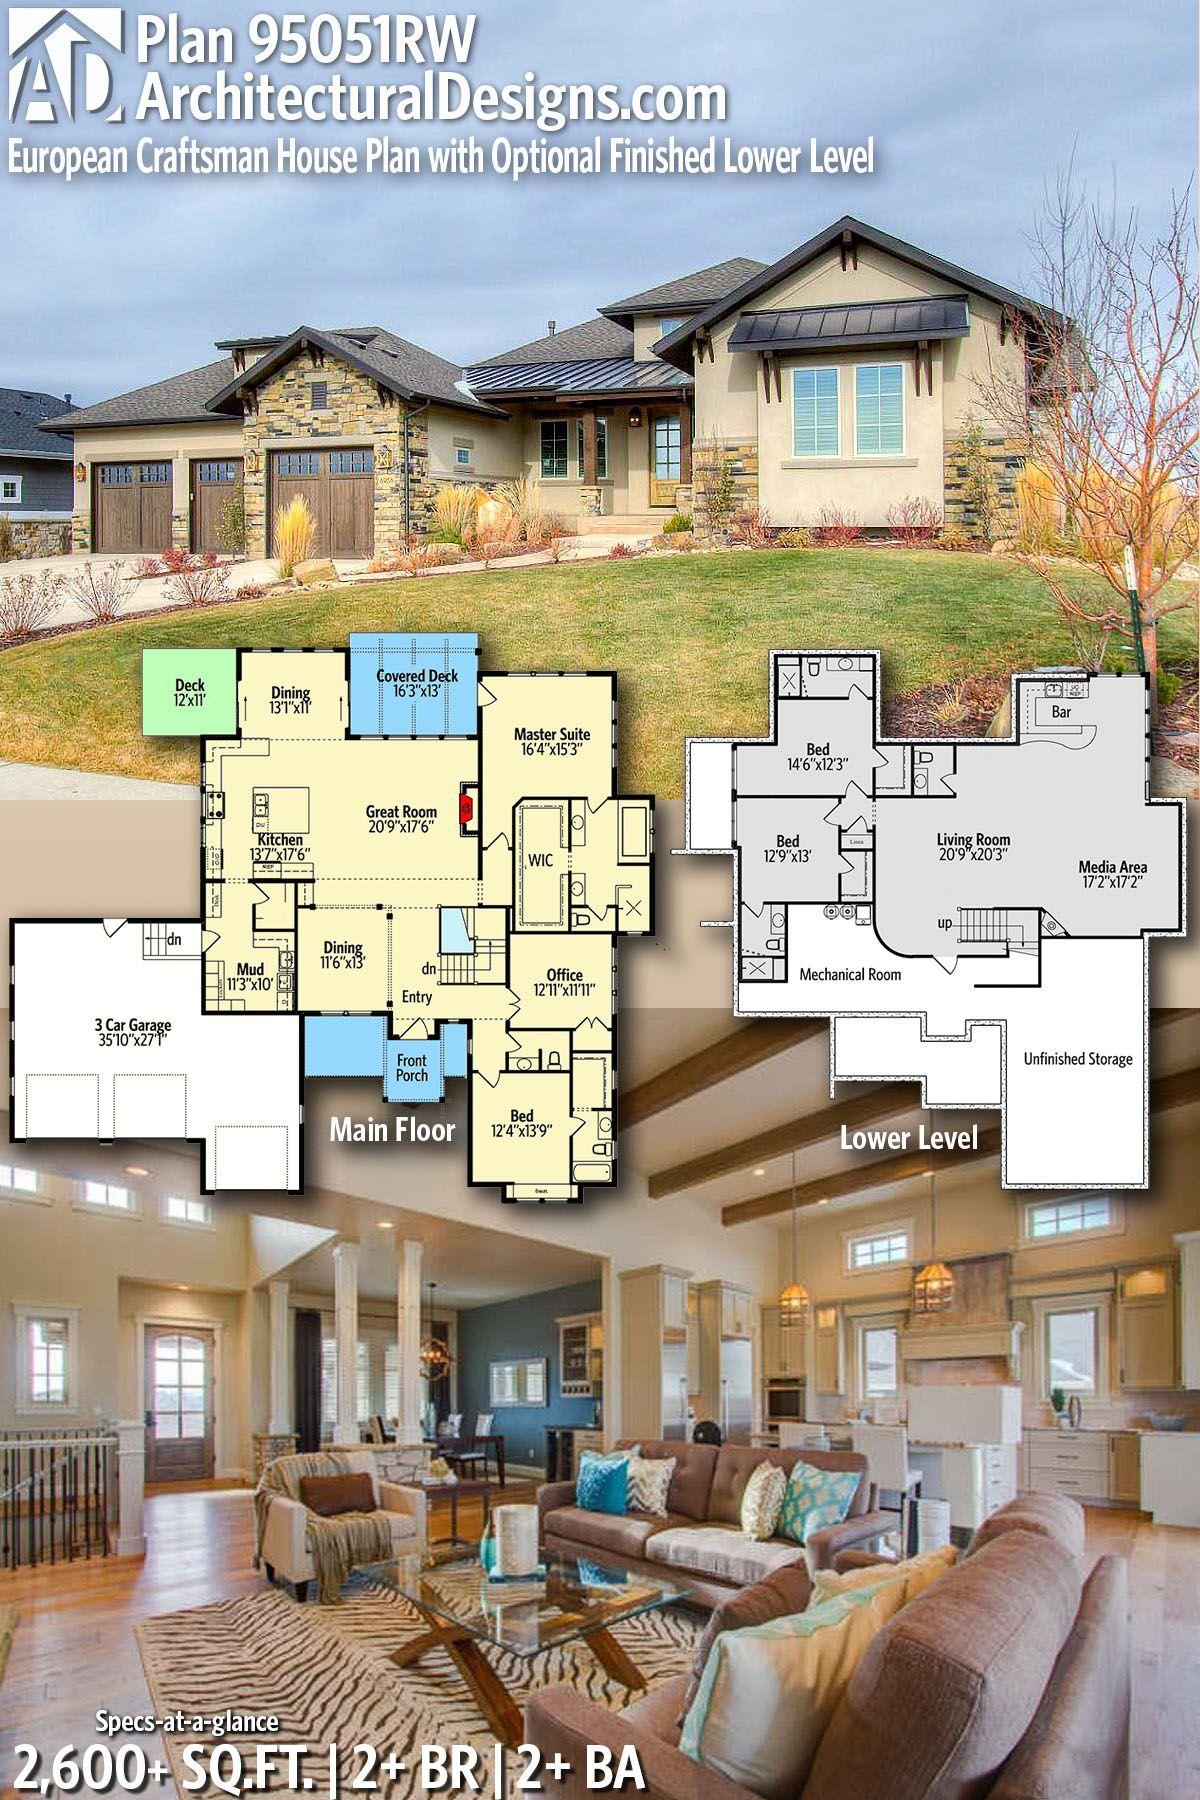 Plan 95051rw European Craftsman House With Optional